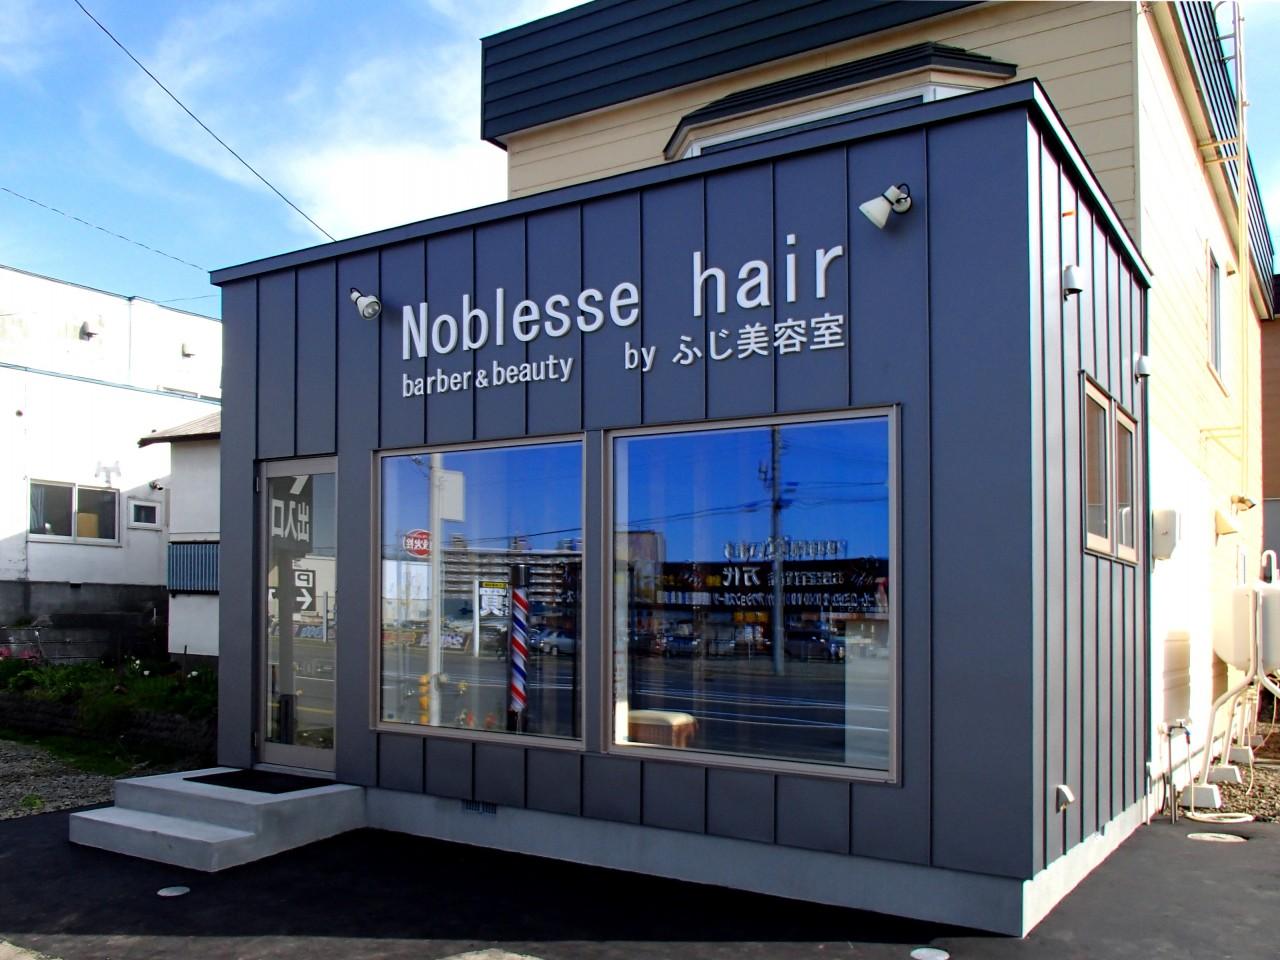 Noblesse hair / 2013